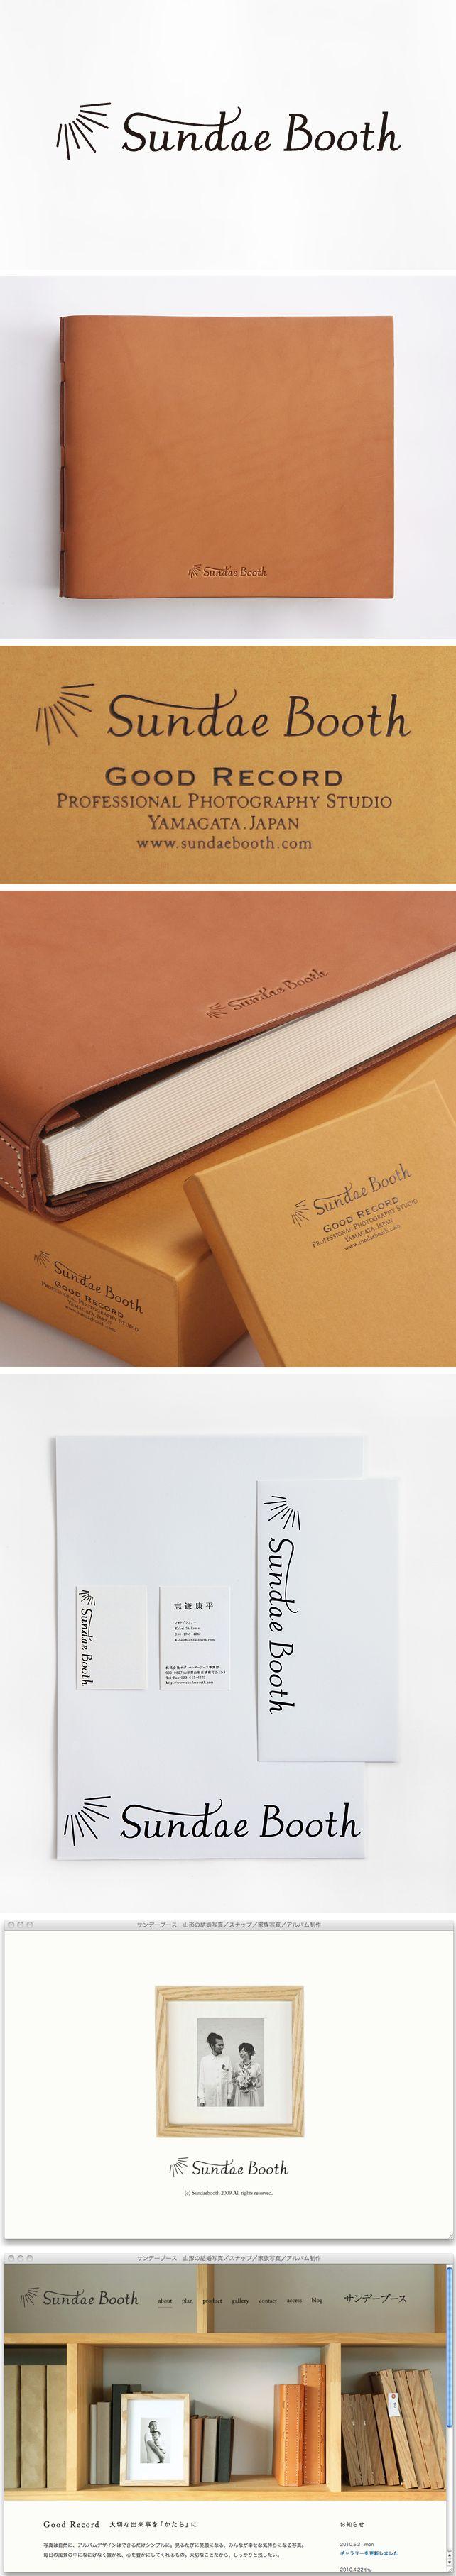 Sandae Booth|アカオニデザイン|山形のデザイン事務所|デザイン・ホームページ制作